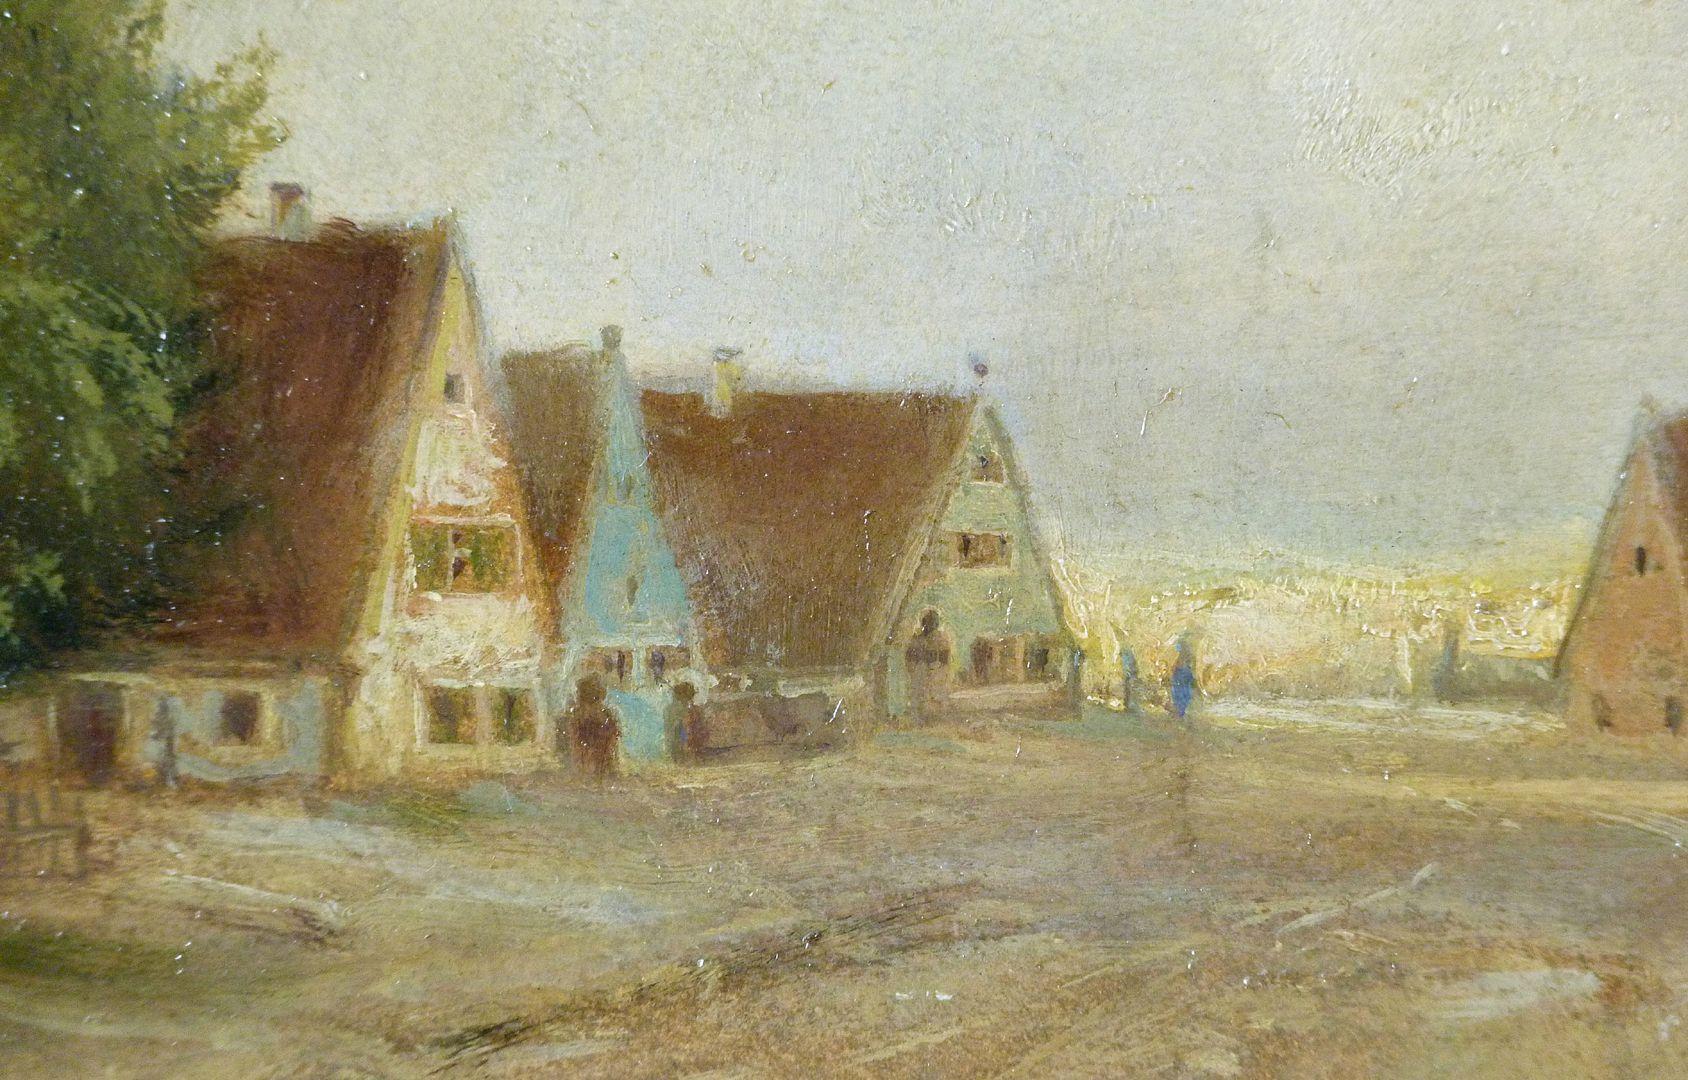 Kleinreuth Detailansicht, linke Bildmitte